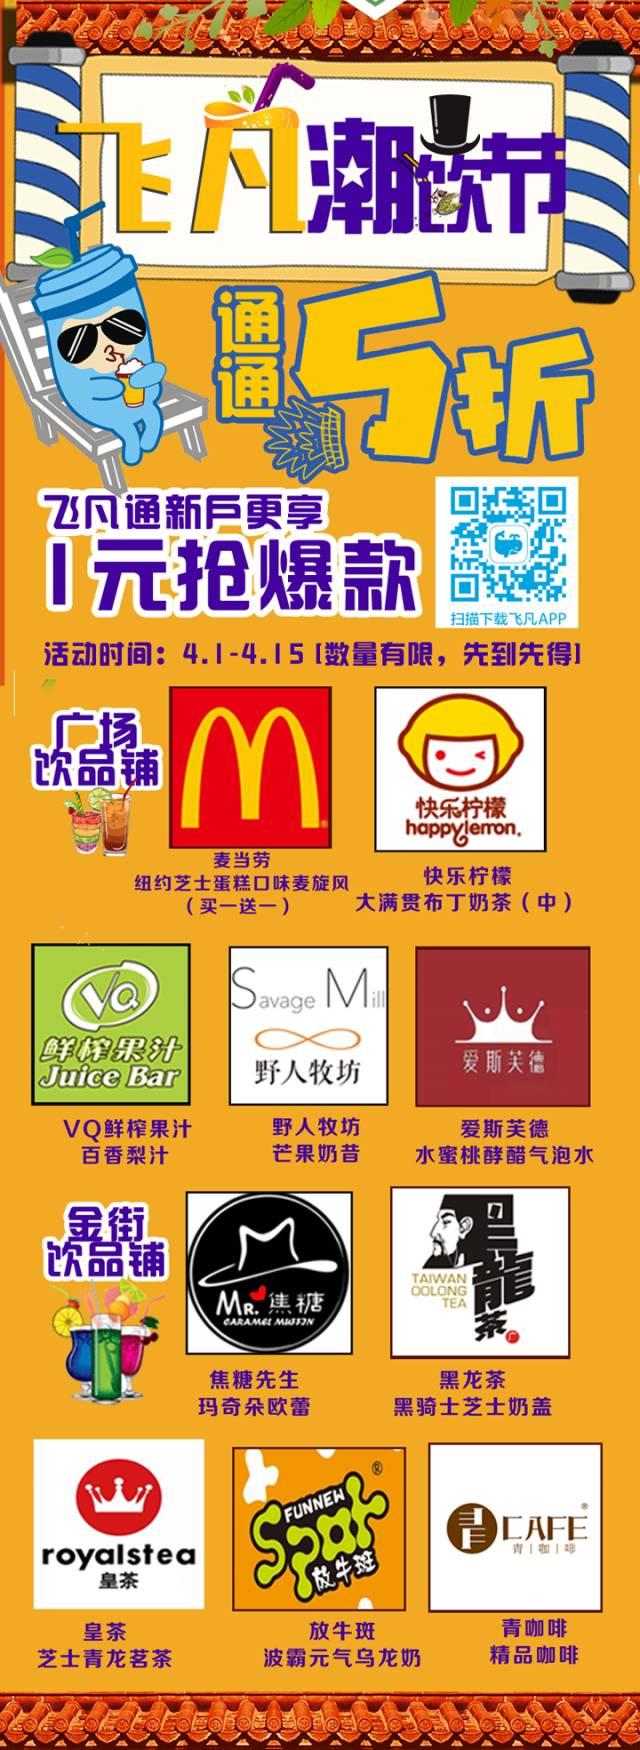 2017福州清明节仓山万达广场飞凡潮饮打折活动(4.2-4.4)